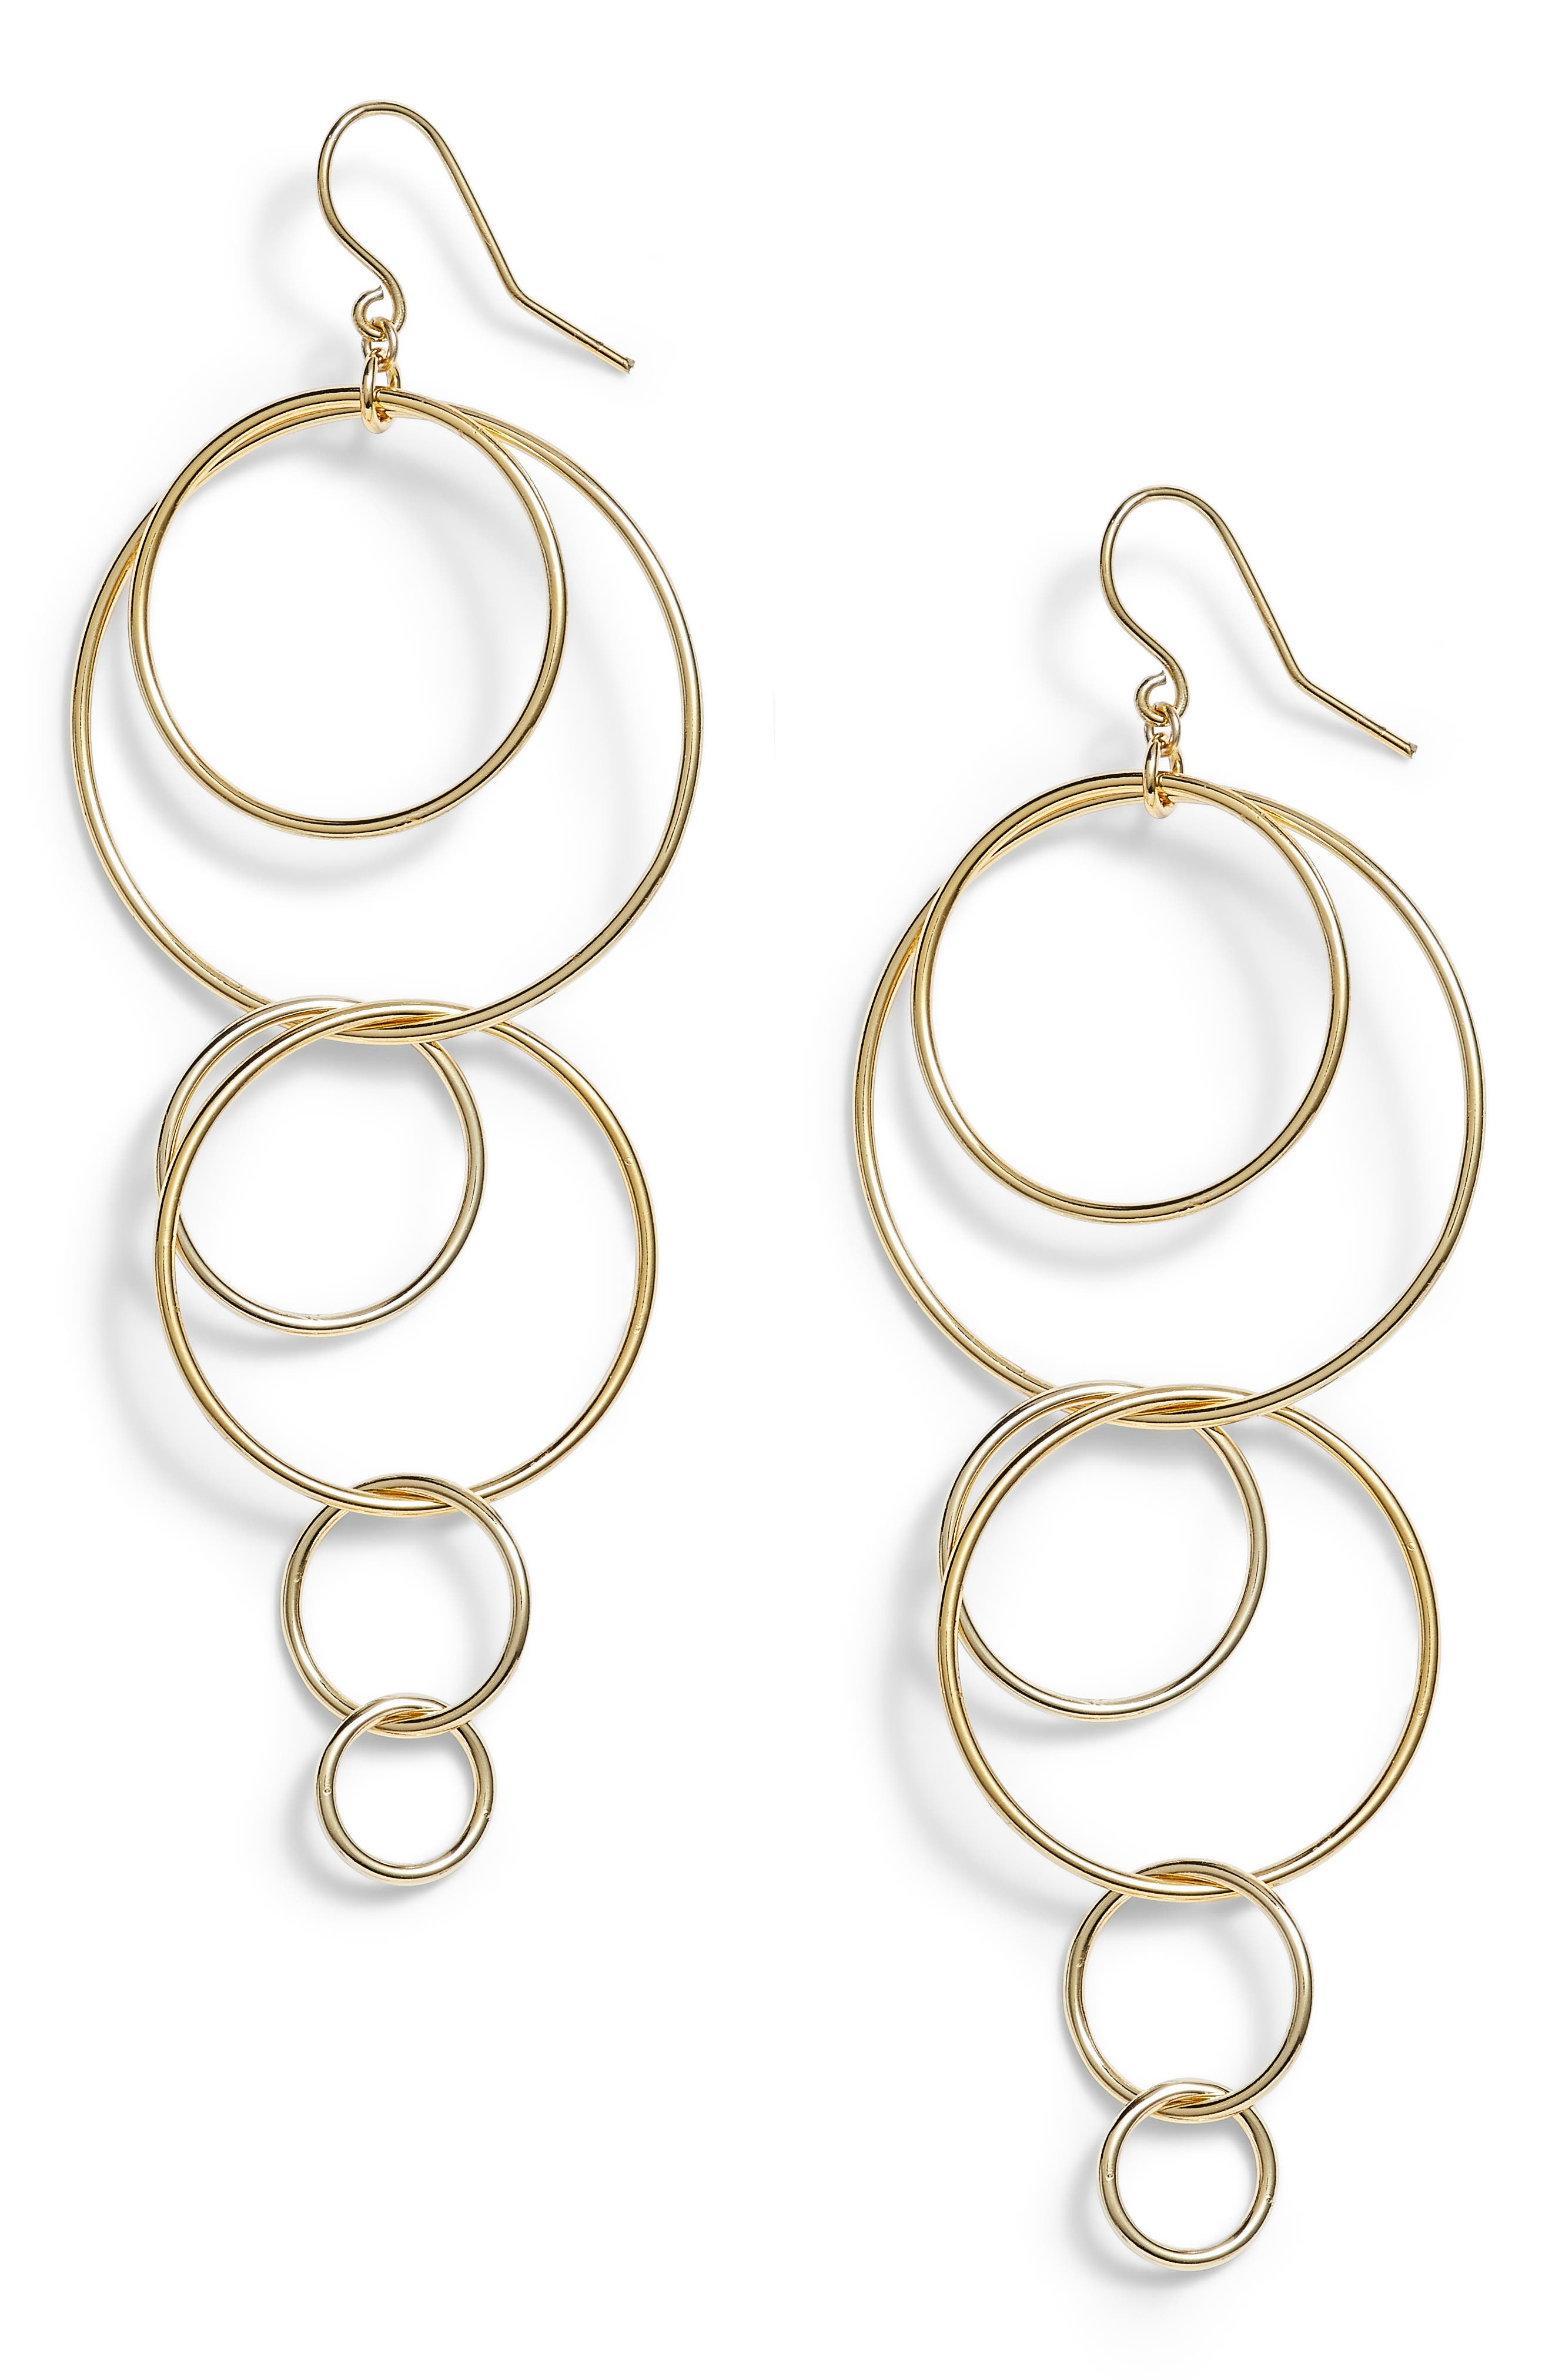 Wilshire Multi Loop Drop Earrings,                             Main thumbnail 1, color,                             GOLD